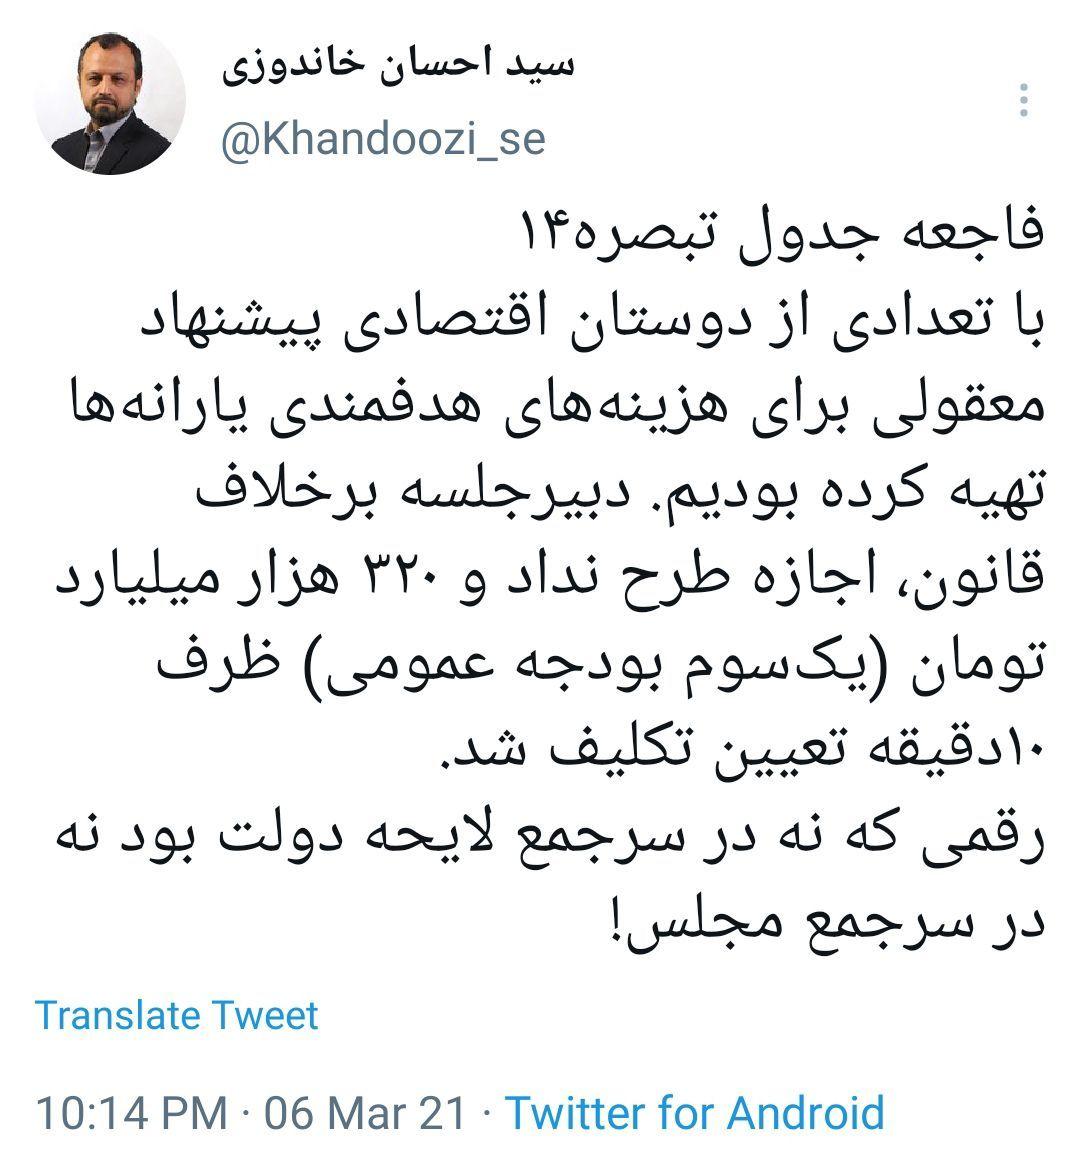 تعیین تکلیف ٣٢٠ هزار میلیارد تومان در مجلس انقلابى ظرف ١٠ دقیقه !